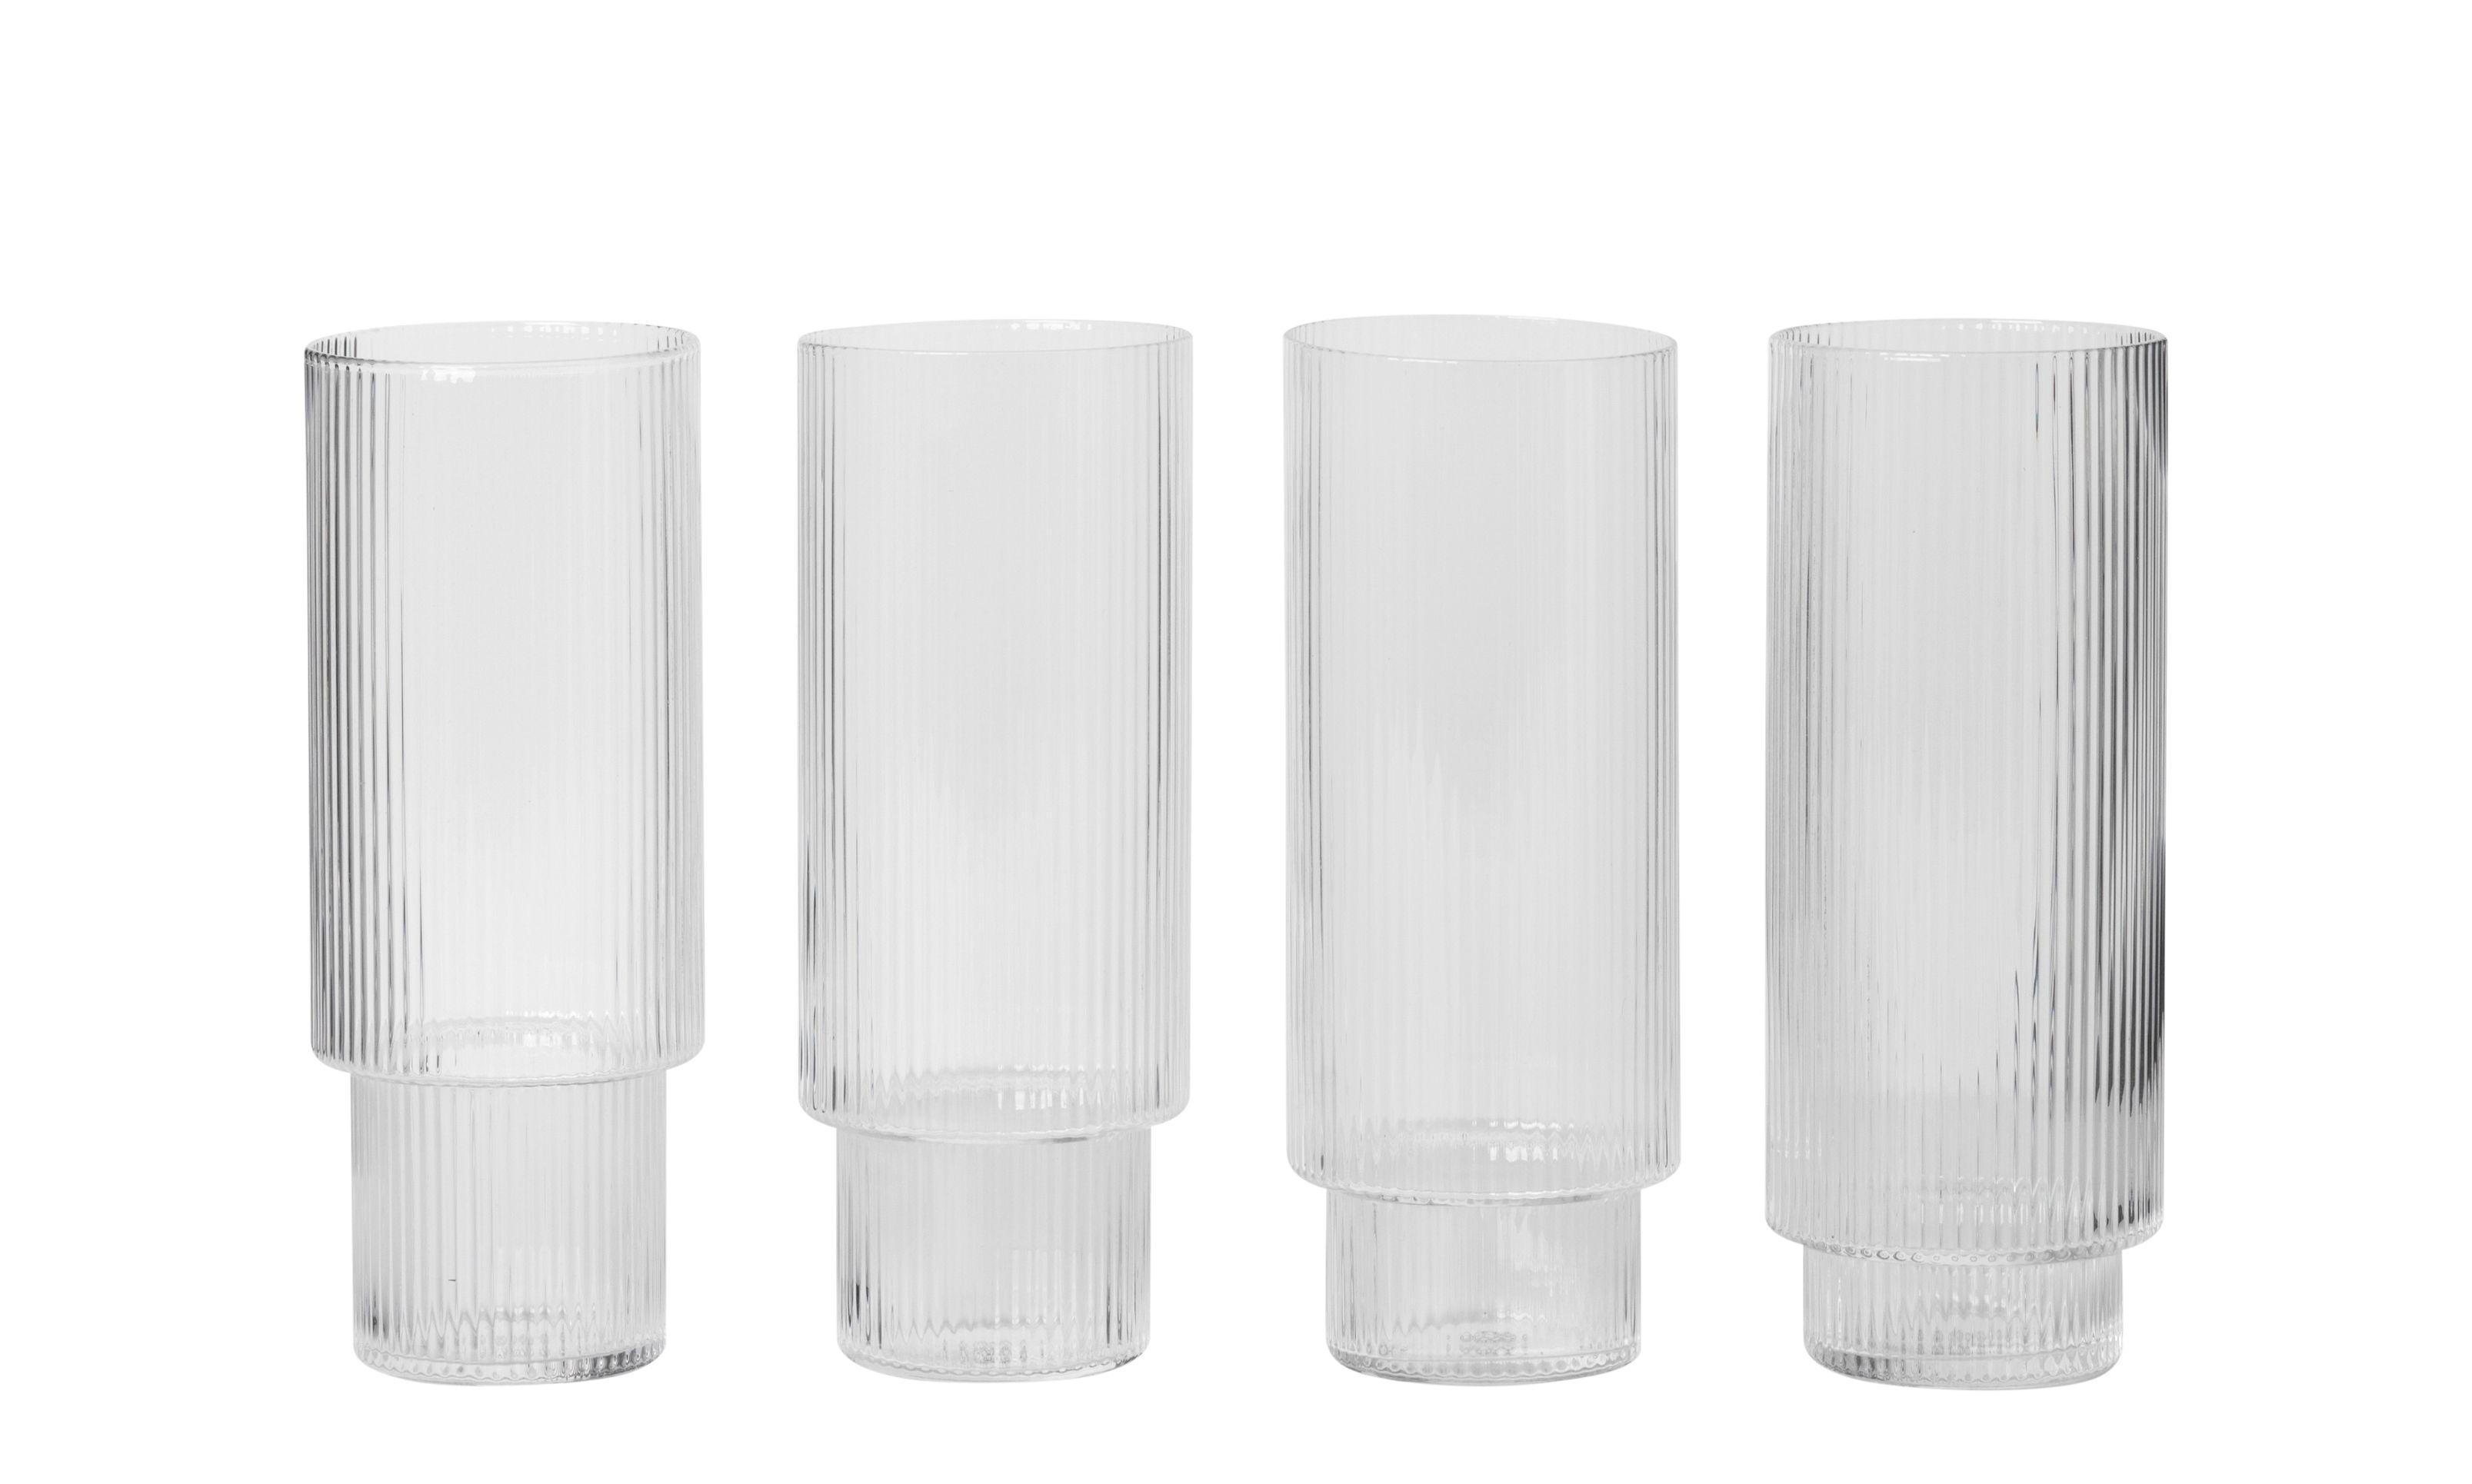 Tableware - Wine Glasses & Glassware - Ripple Long drink glass - / Set de 4 - Verre soufflé bouche by Ferm Living - Transparent / Stries - Mouth blown glass